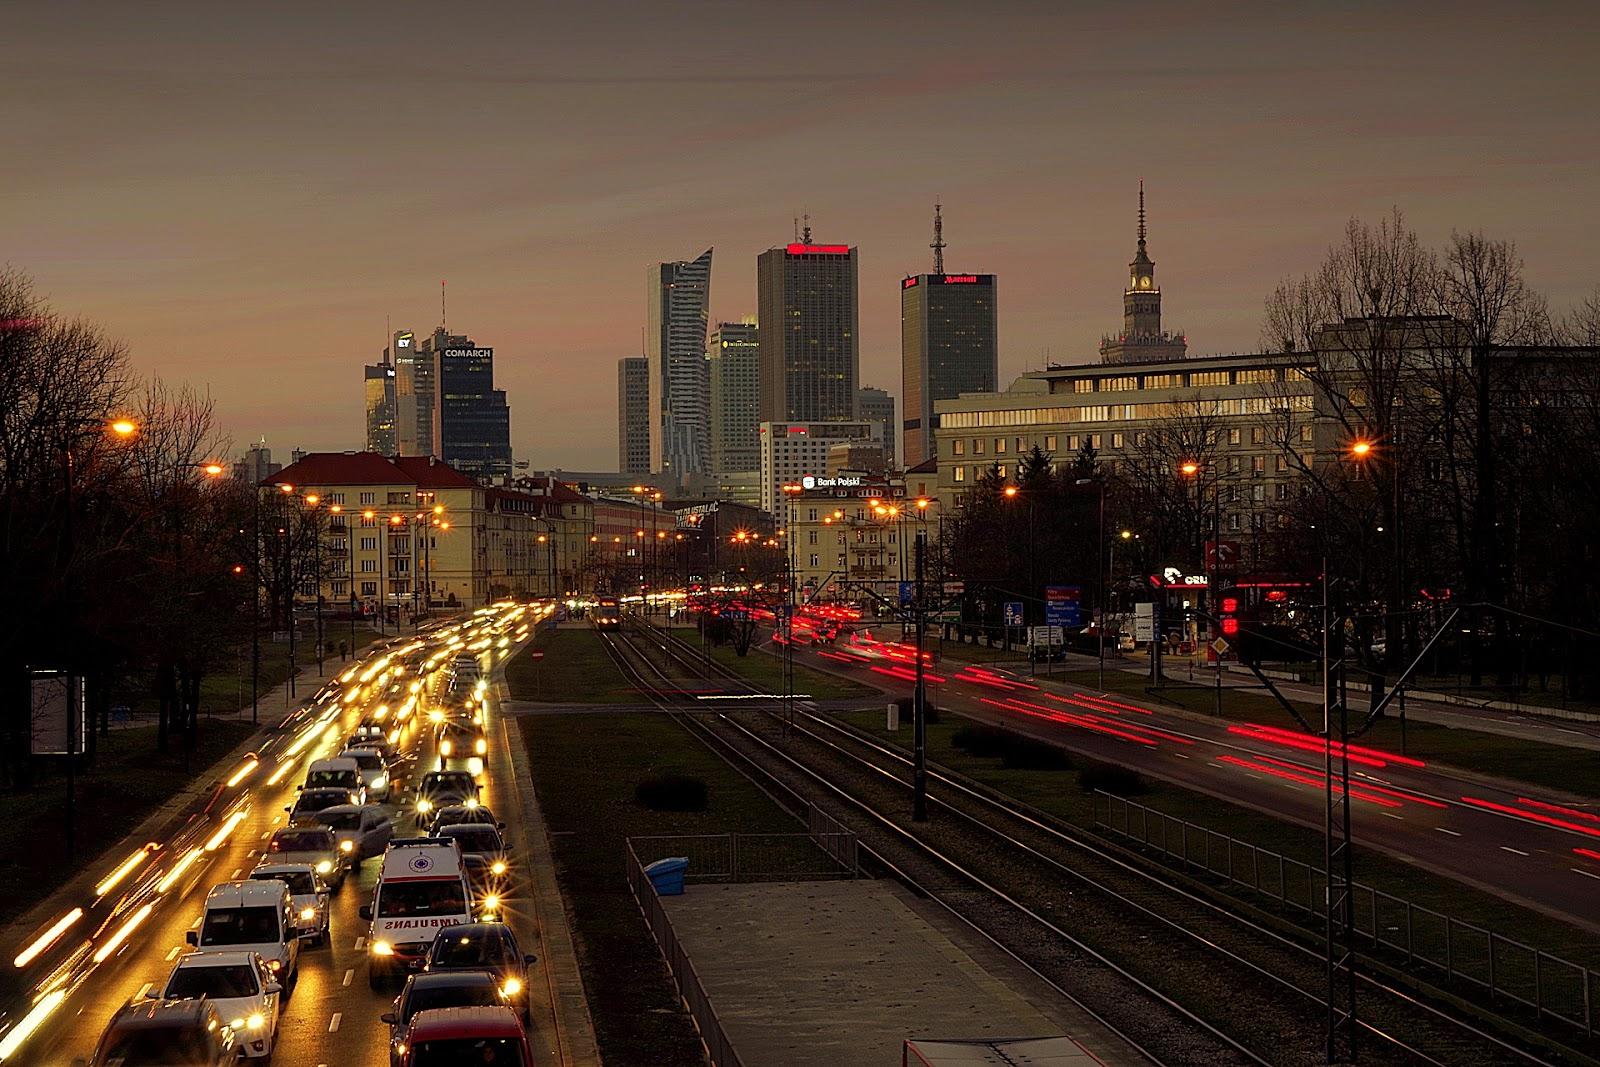 Motoristas devem ter regras para conviver em harmonia no espaço das cidades. (Fonte: Pixabay)